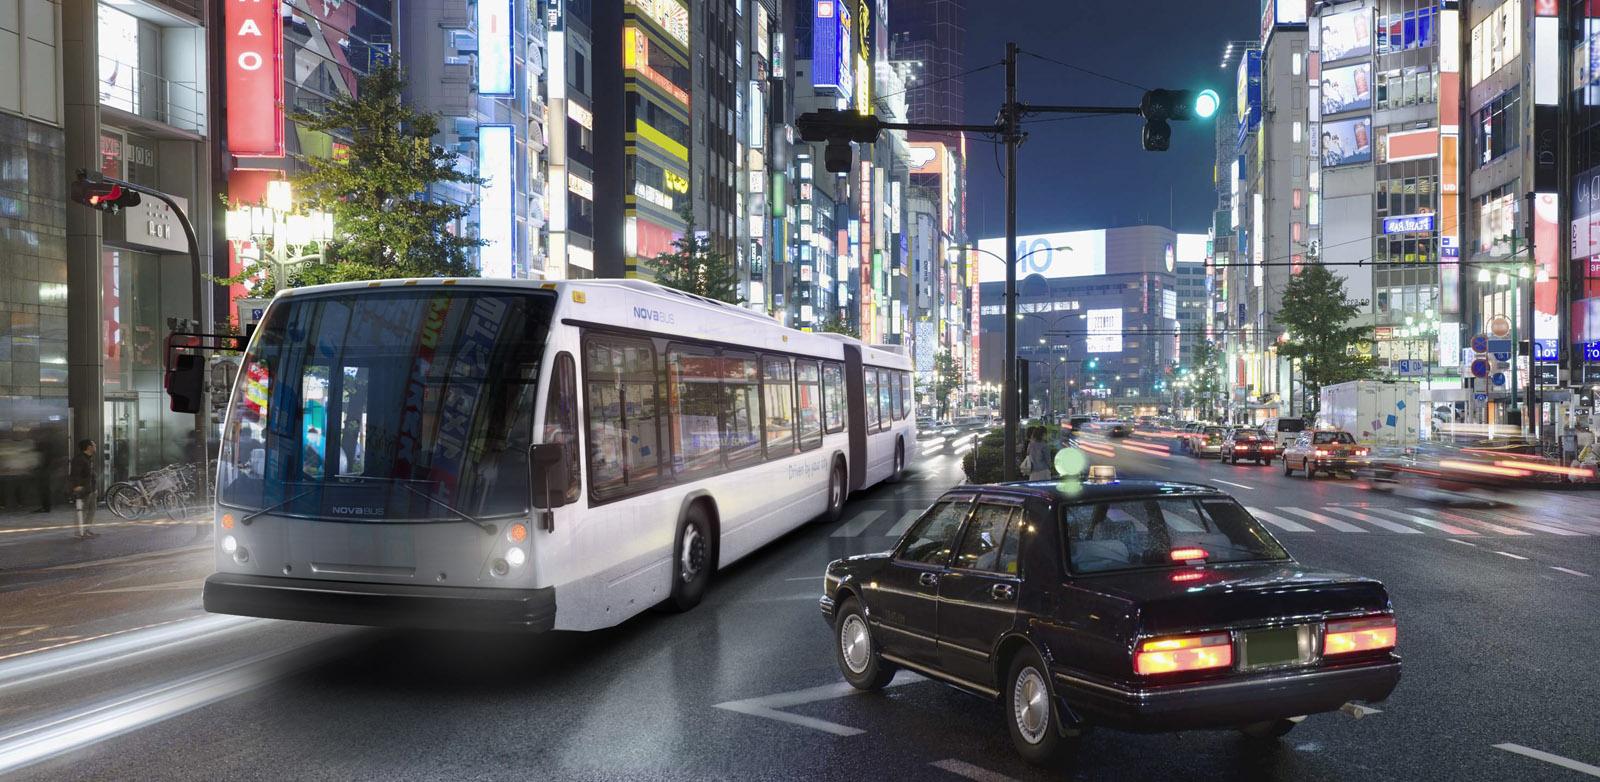 Nova-Bus LFS 60' Articulated Bus